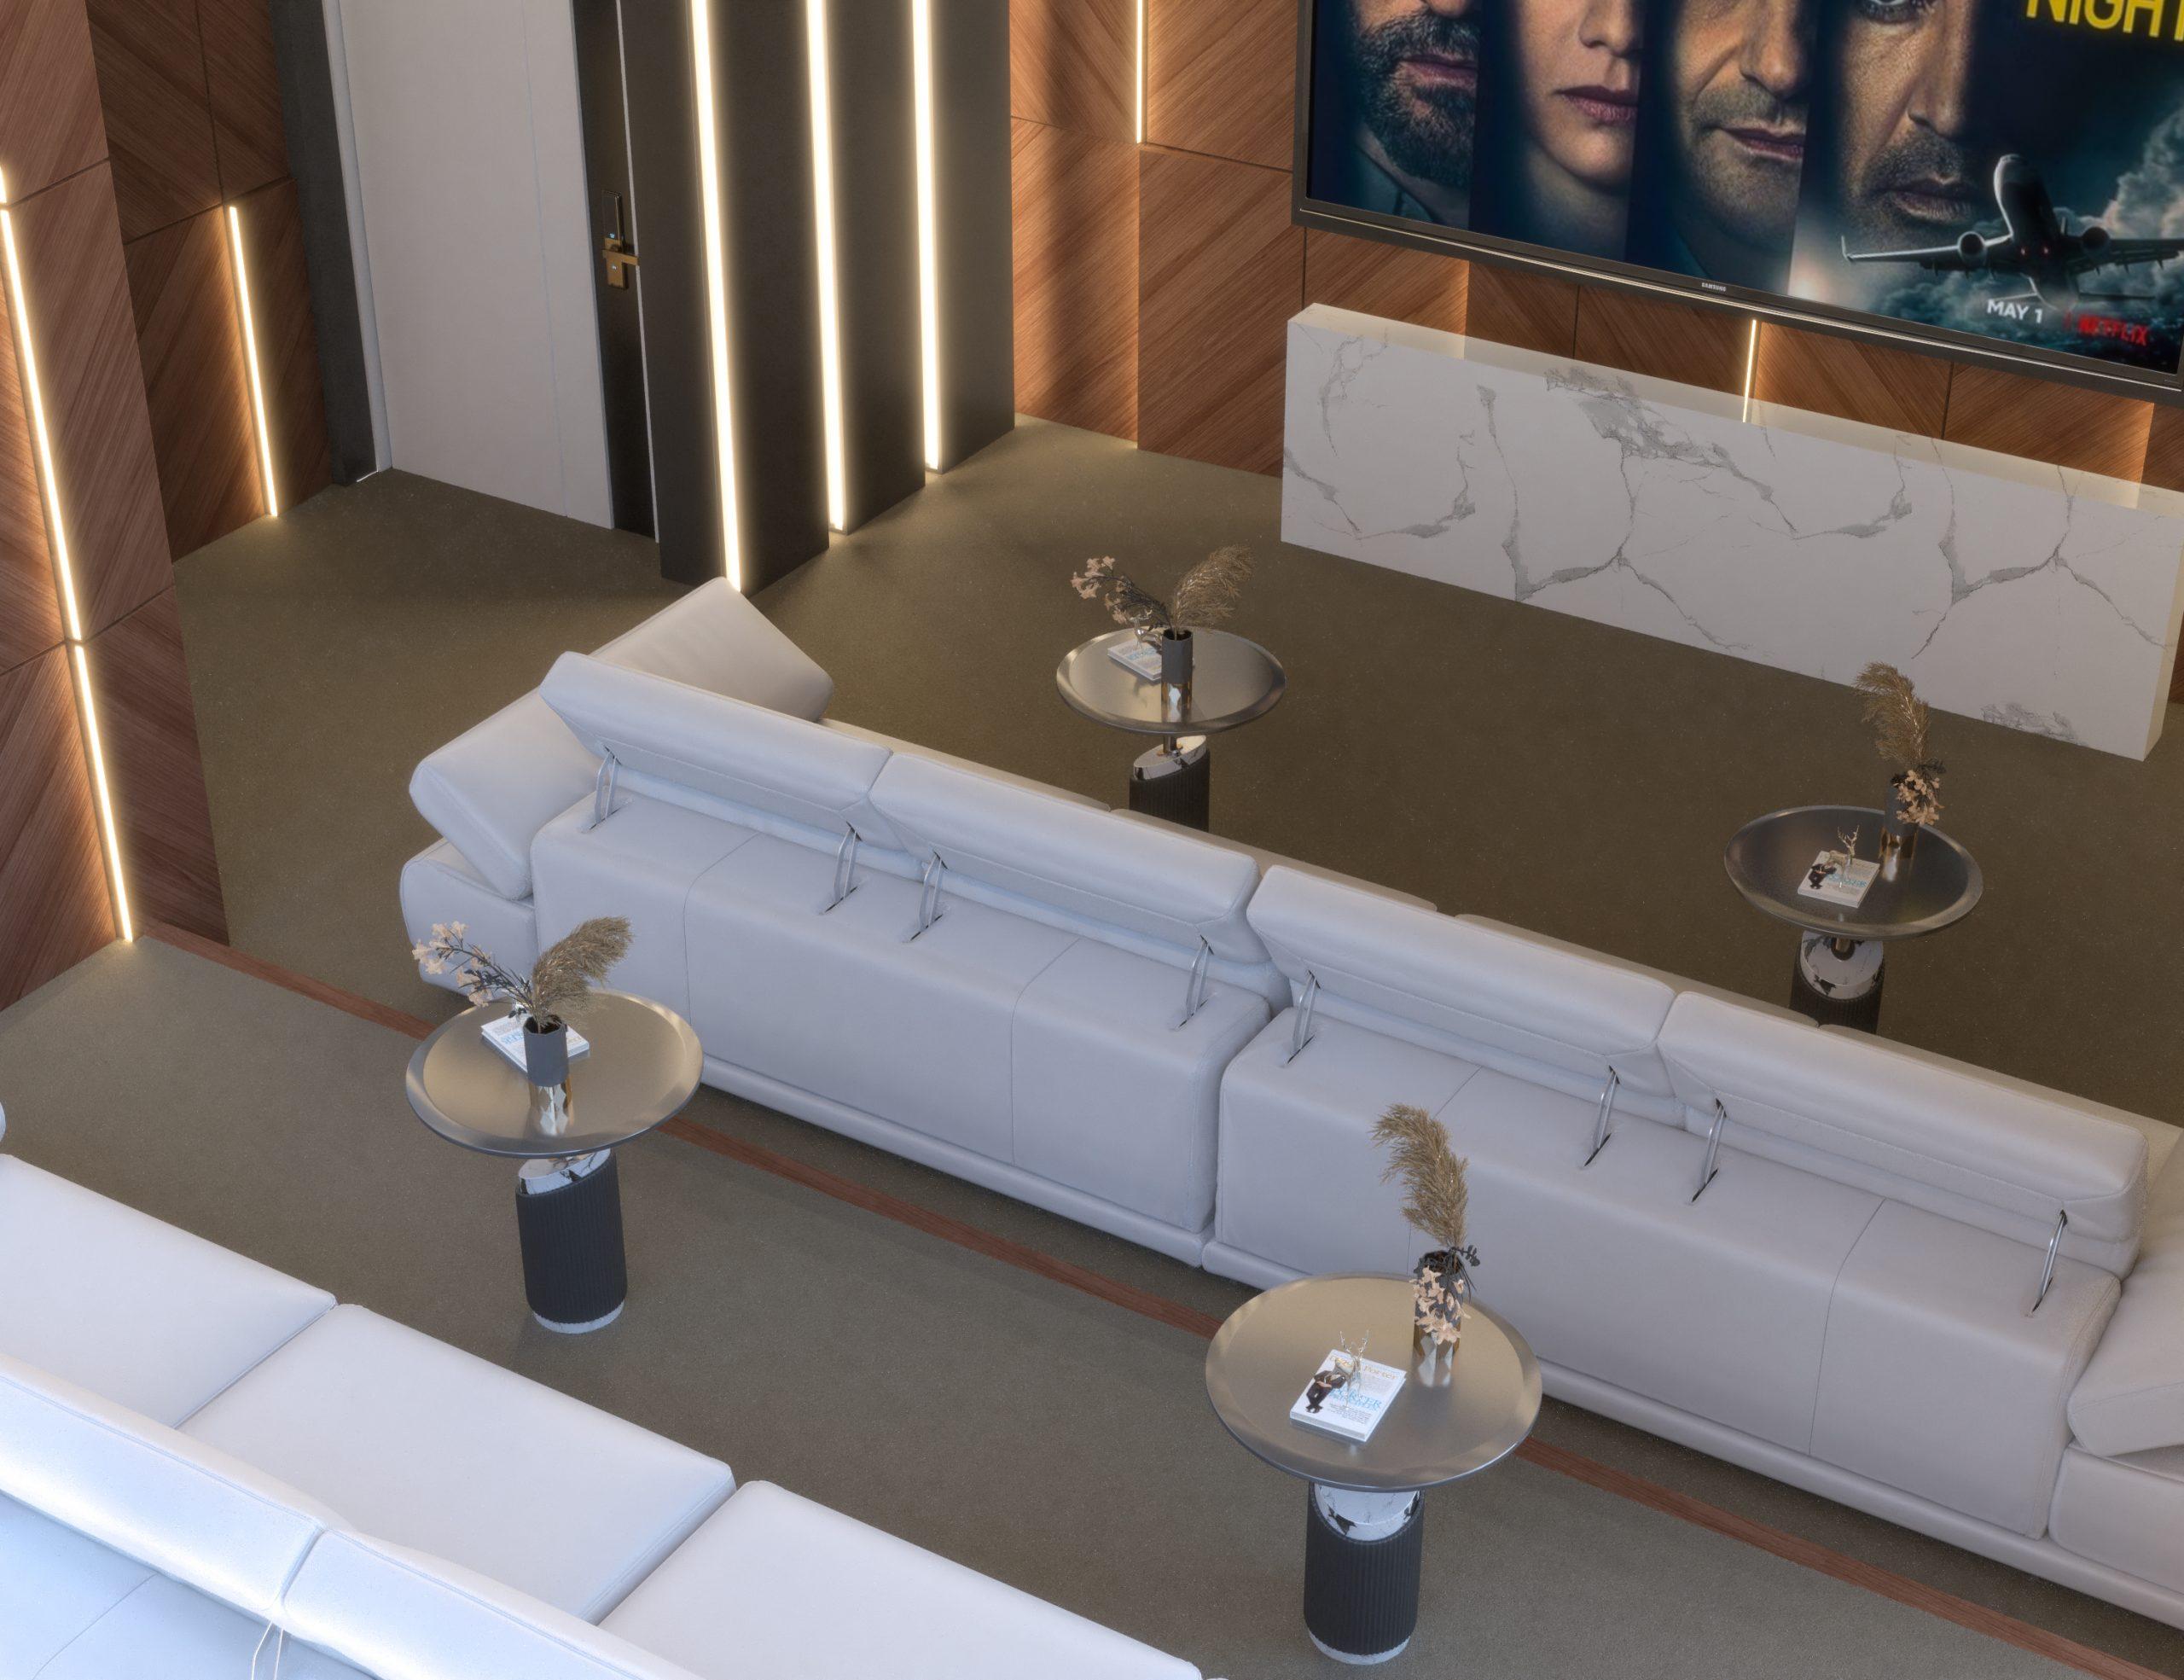 top view - white sofas - wood